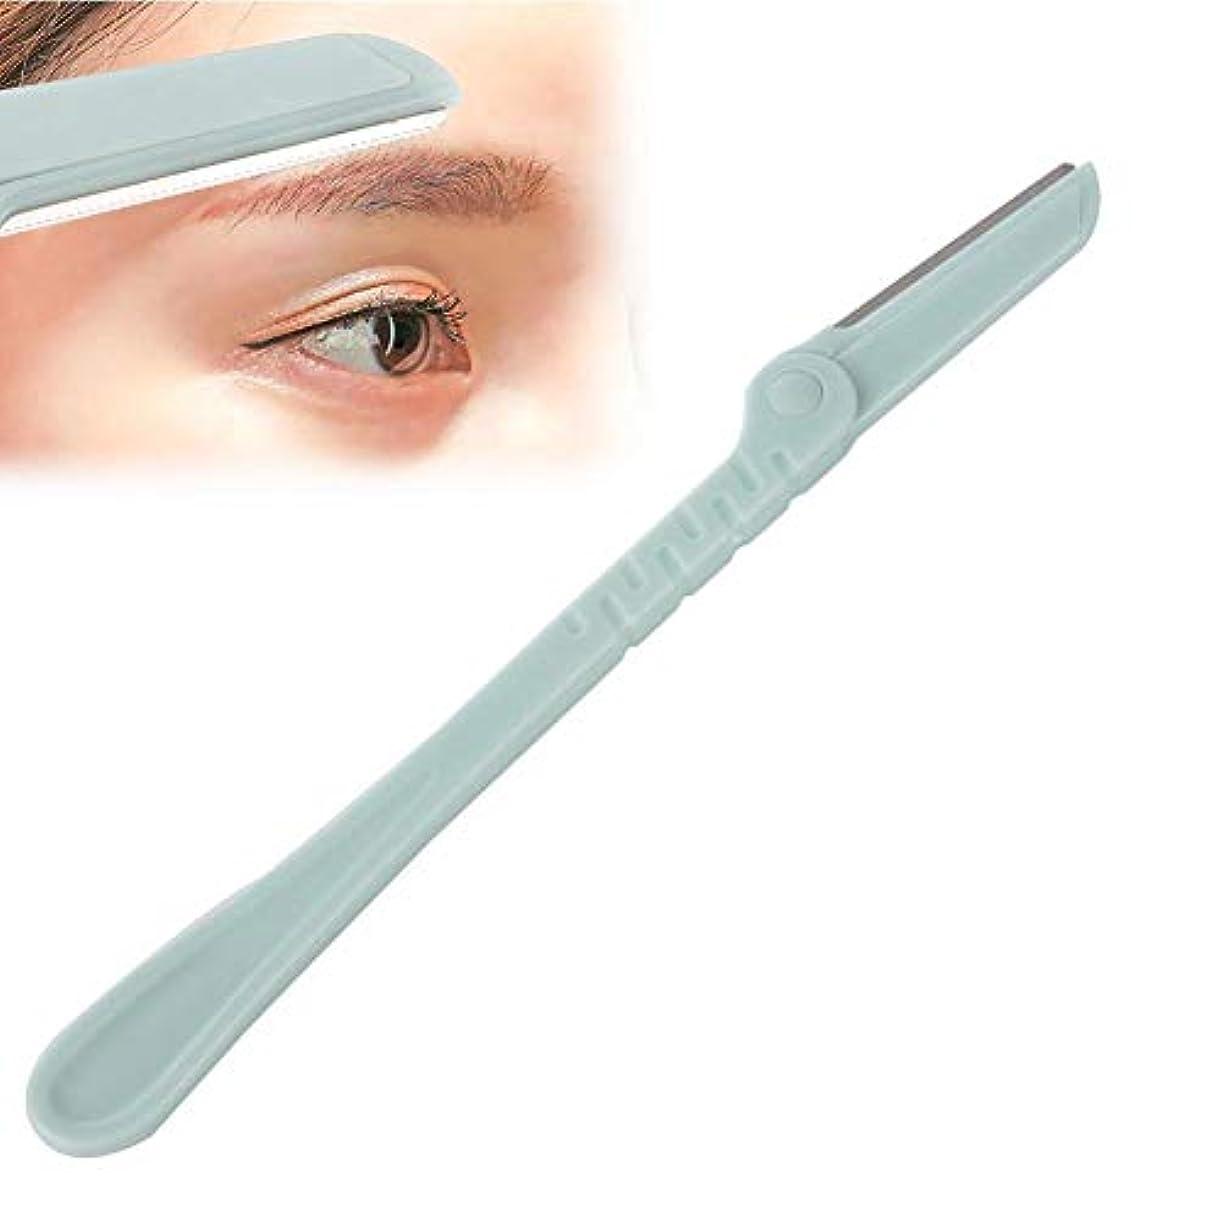 息子相対的下位1ピース眉毛カミソリ化粧道具 - 女性と男性の顔のリムーバー、眉毛カミソリの顔かみそりのヘアトリマーヘアトリマーのための美しい眉毛